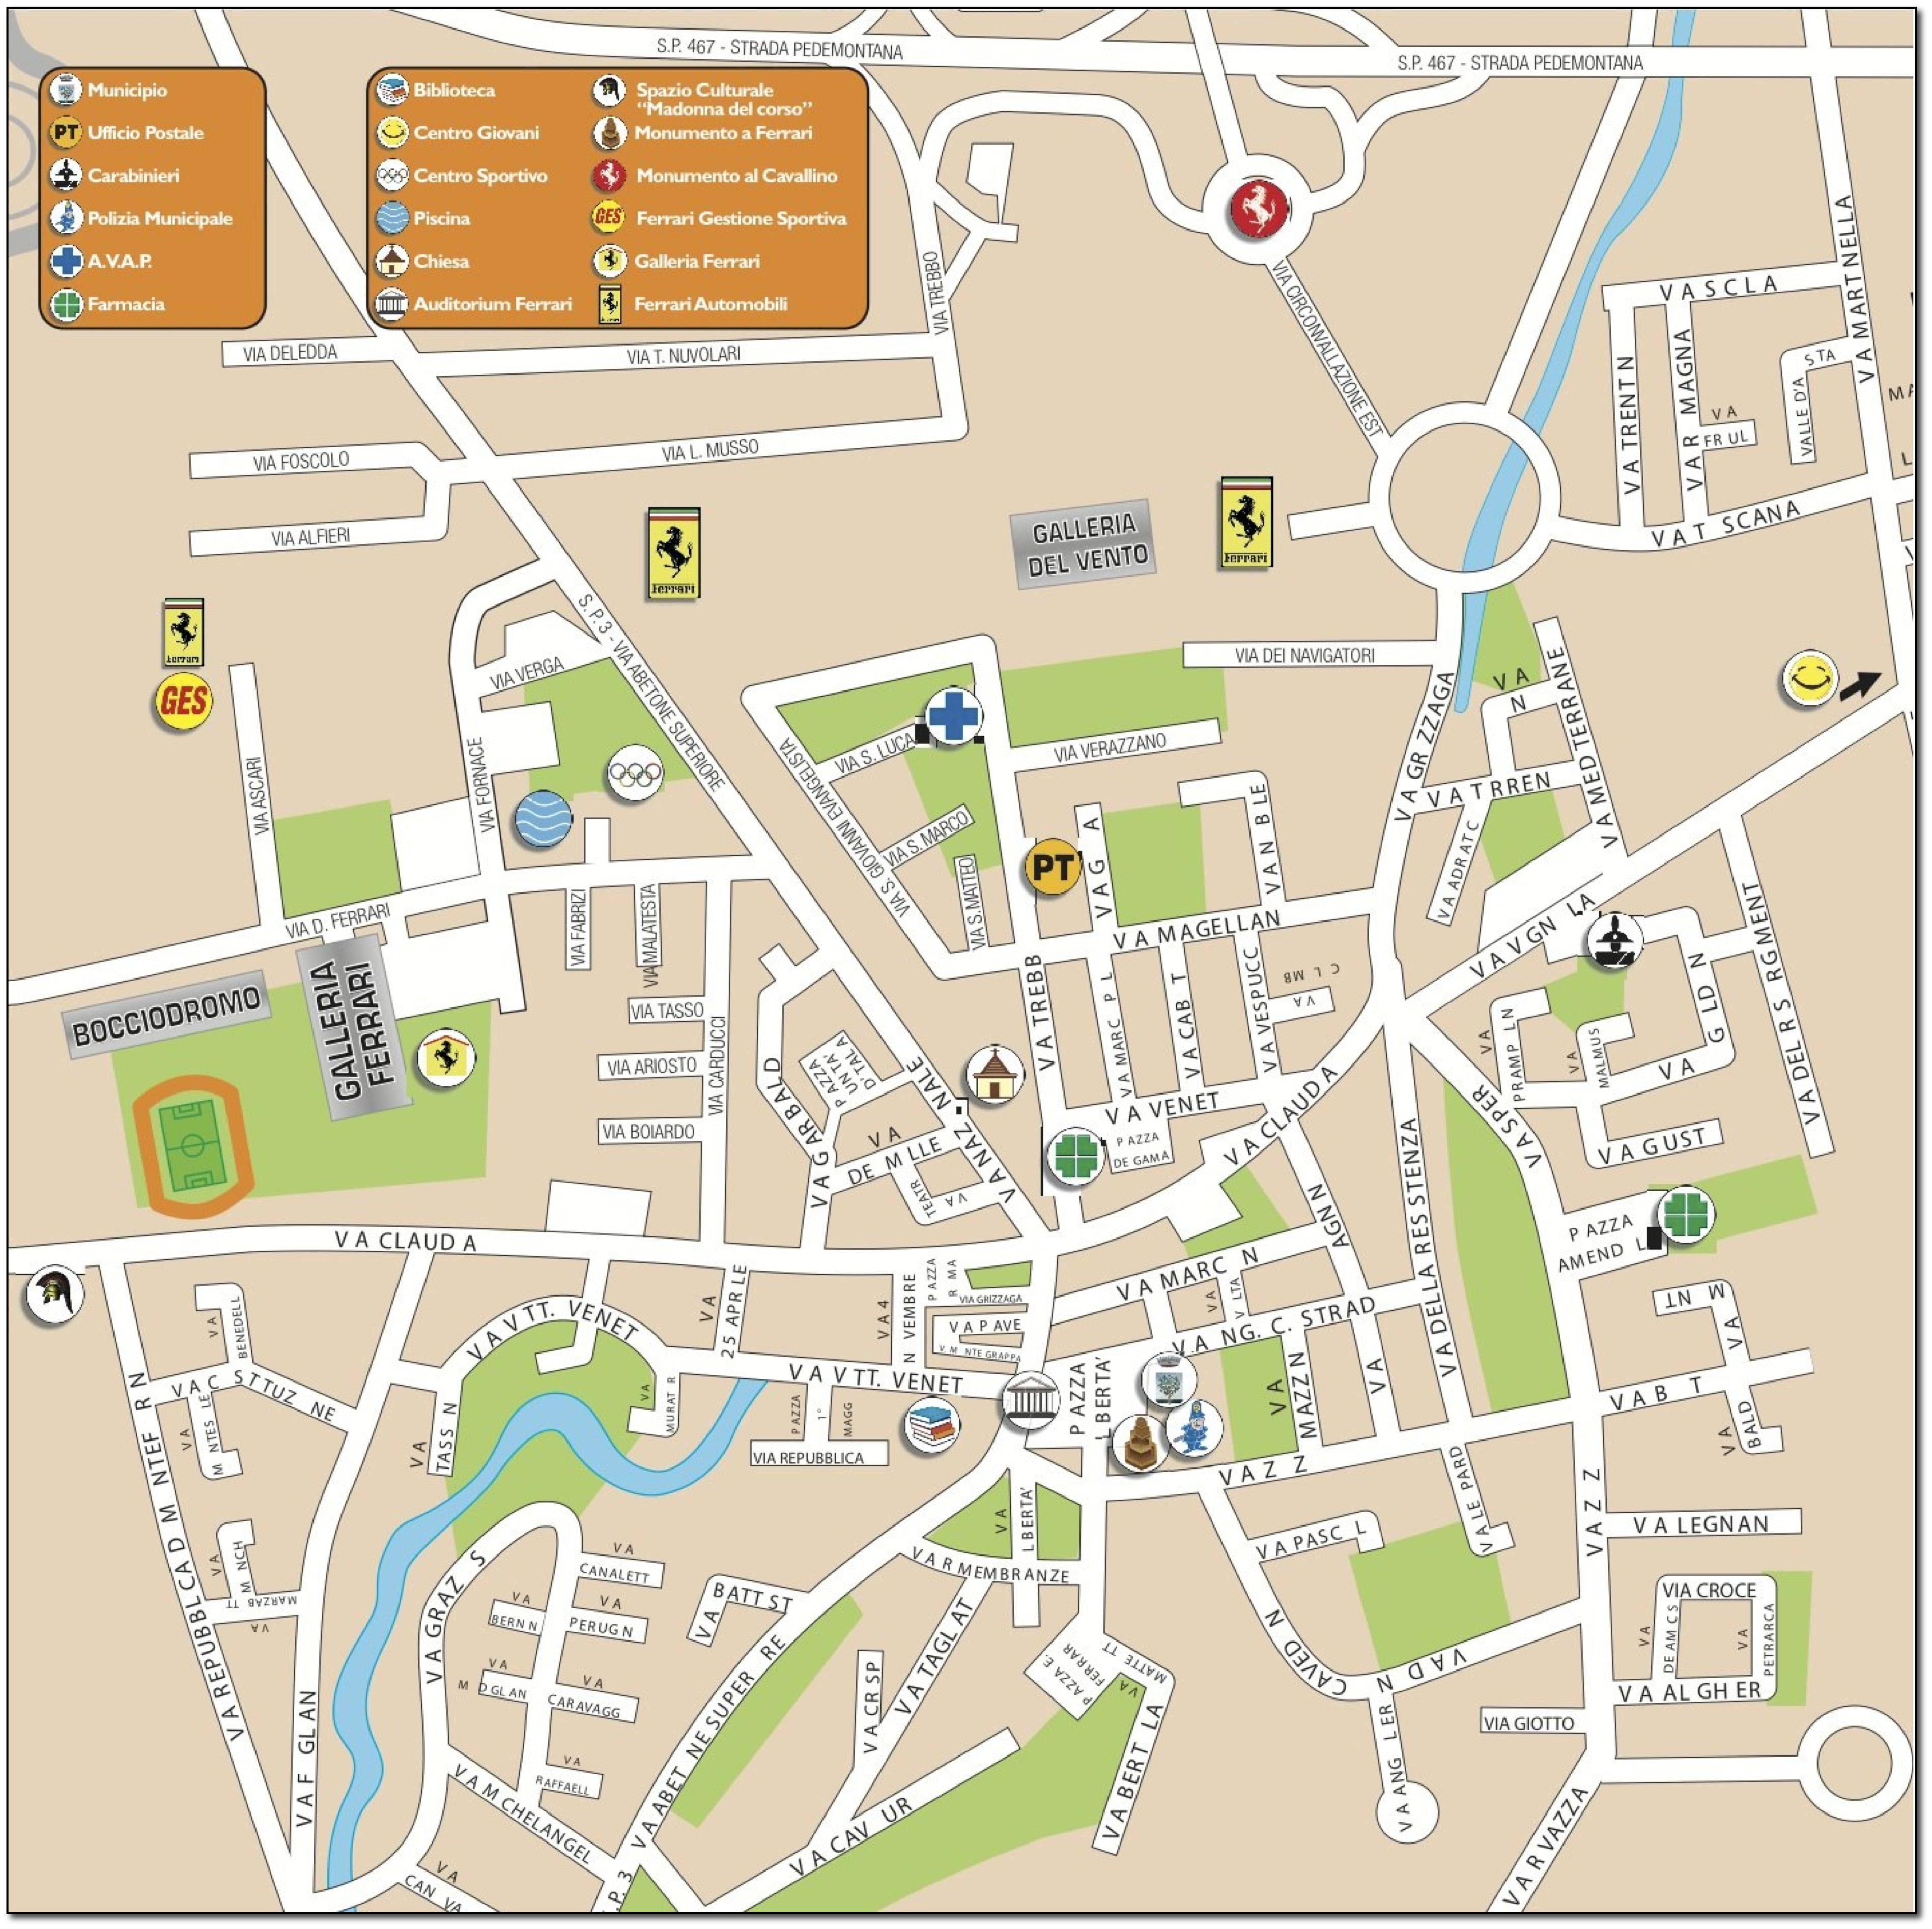 mappa-turisitca-maranello